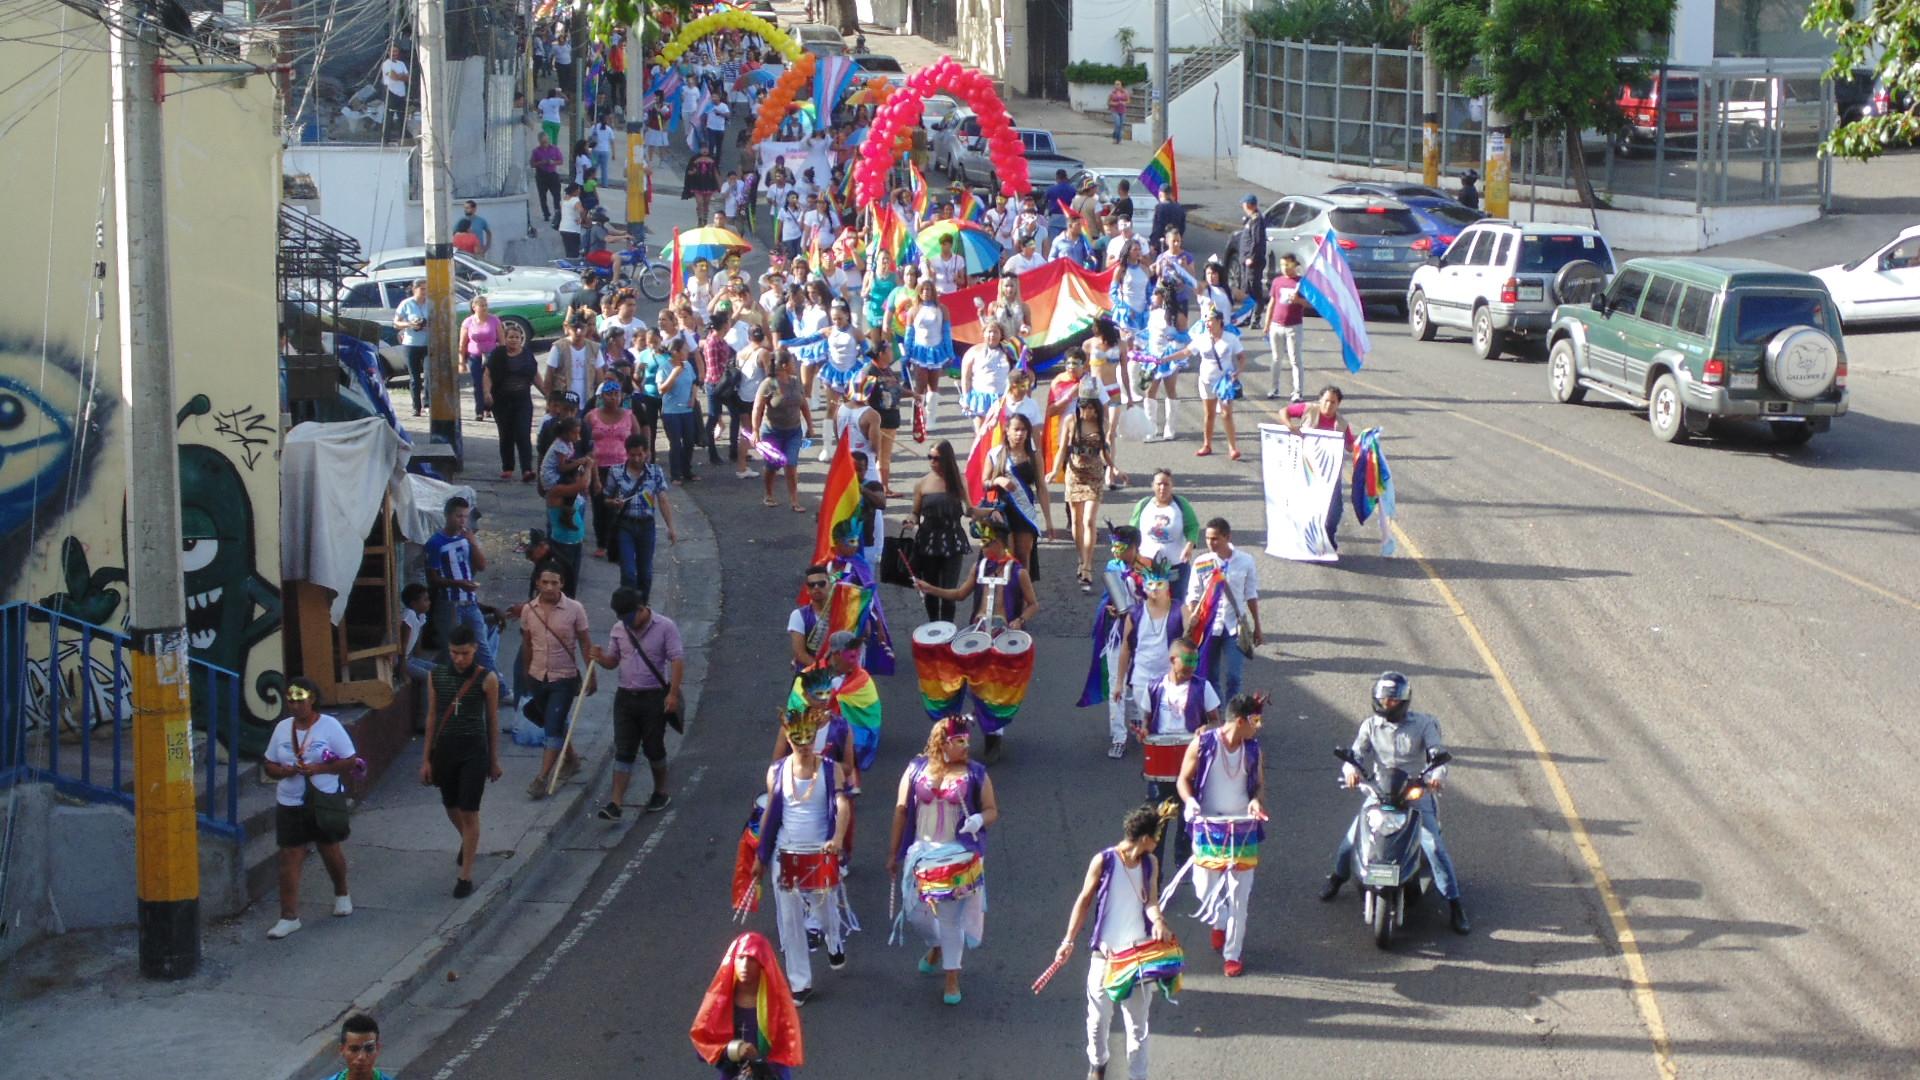 Justicia demandan en la marcha del Orgullo y la Identidad Catracha LGTBI